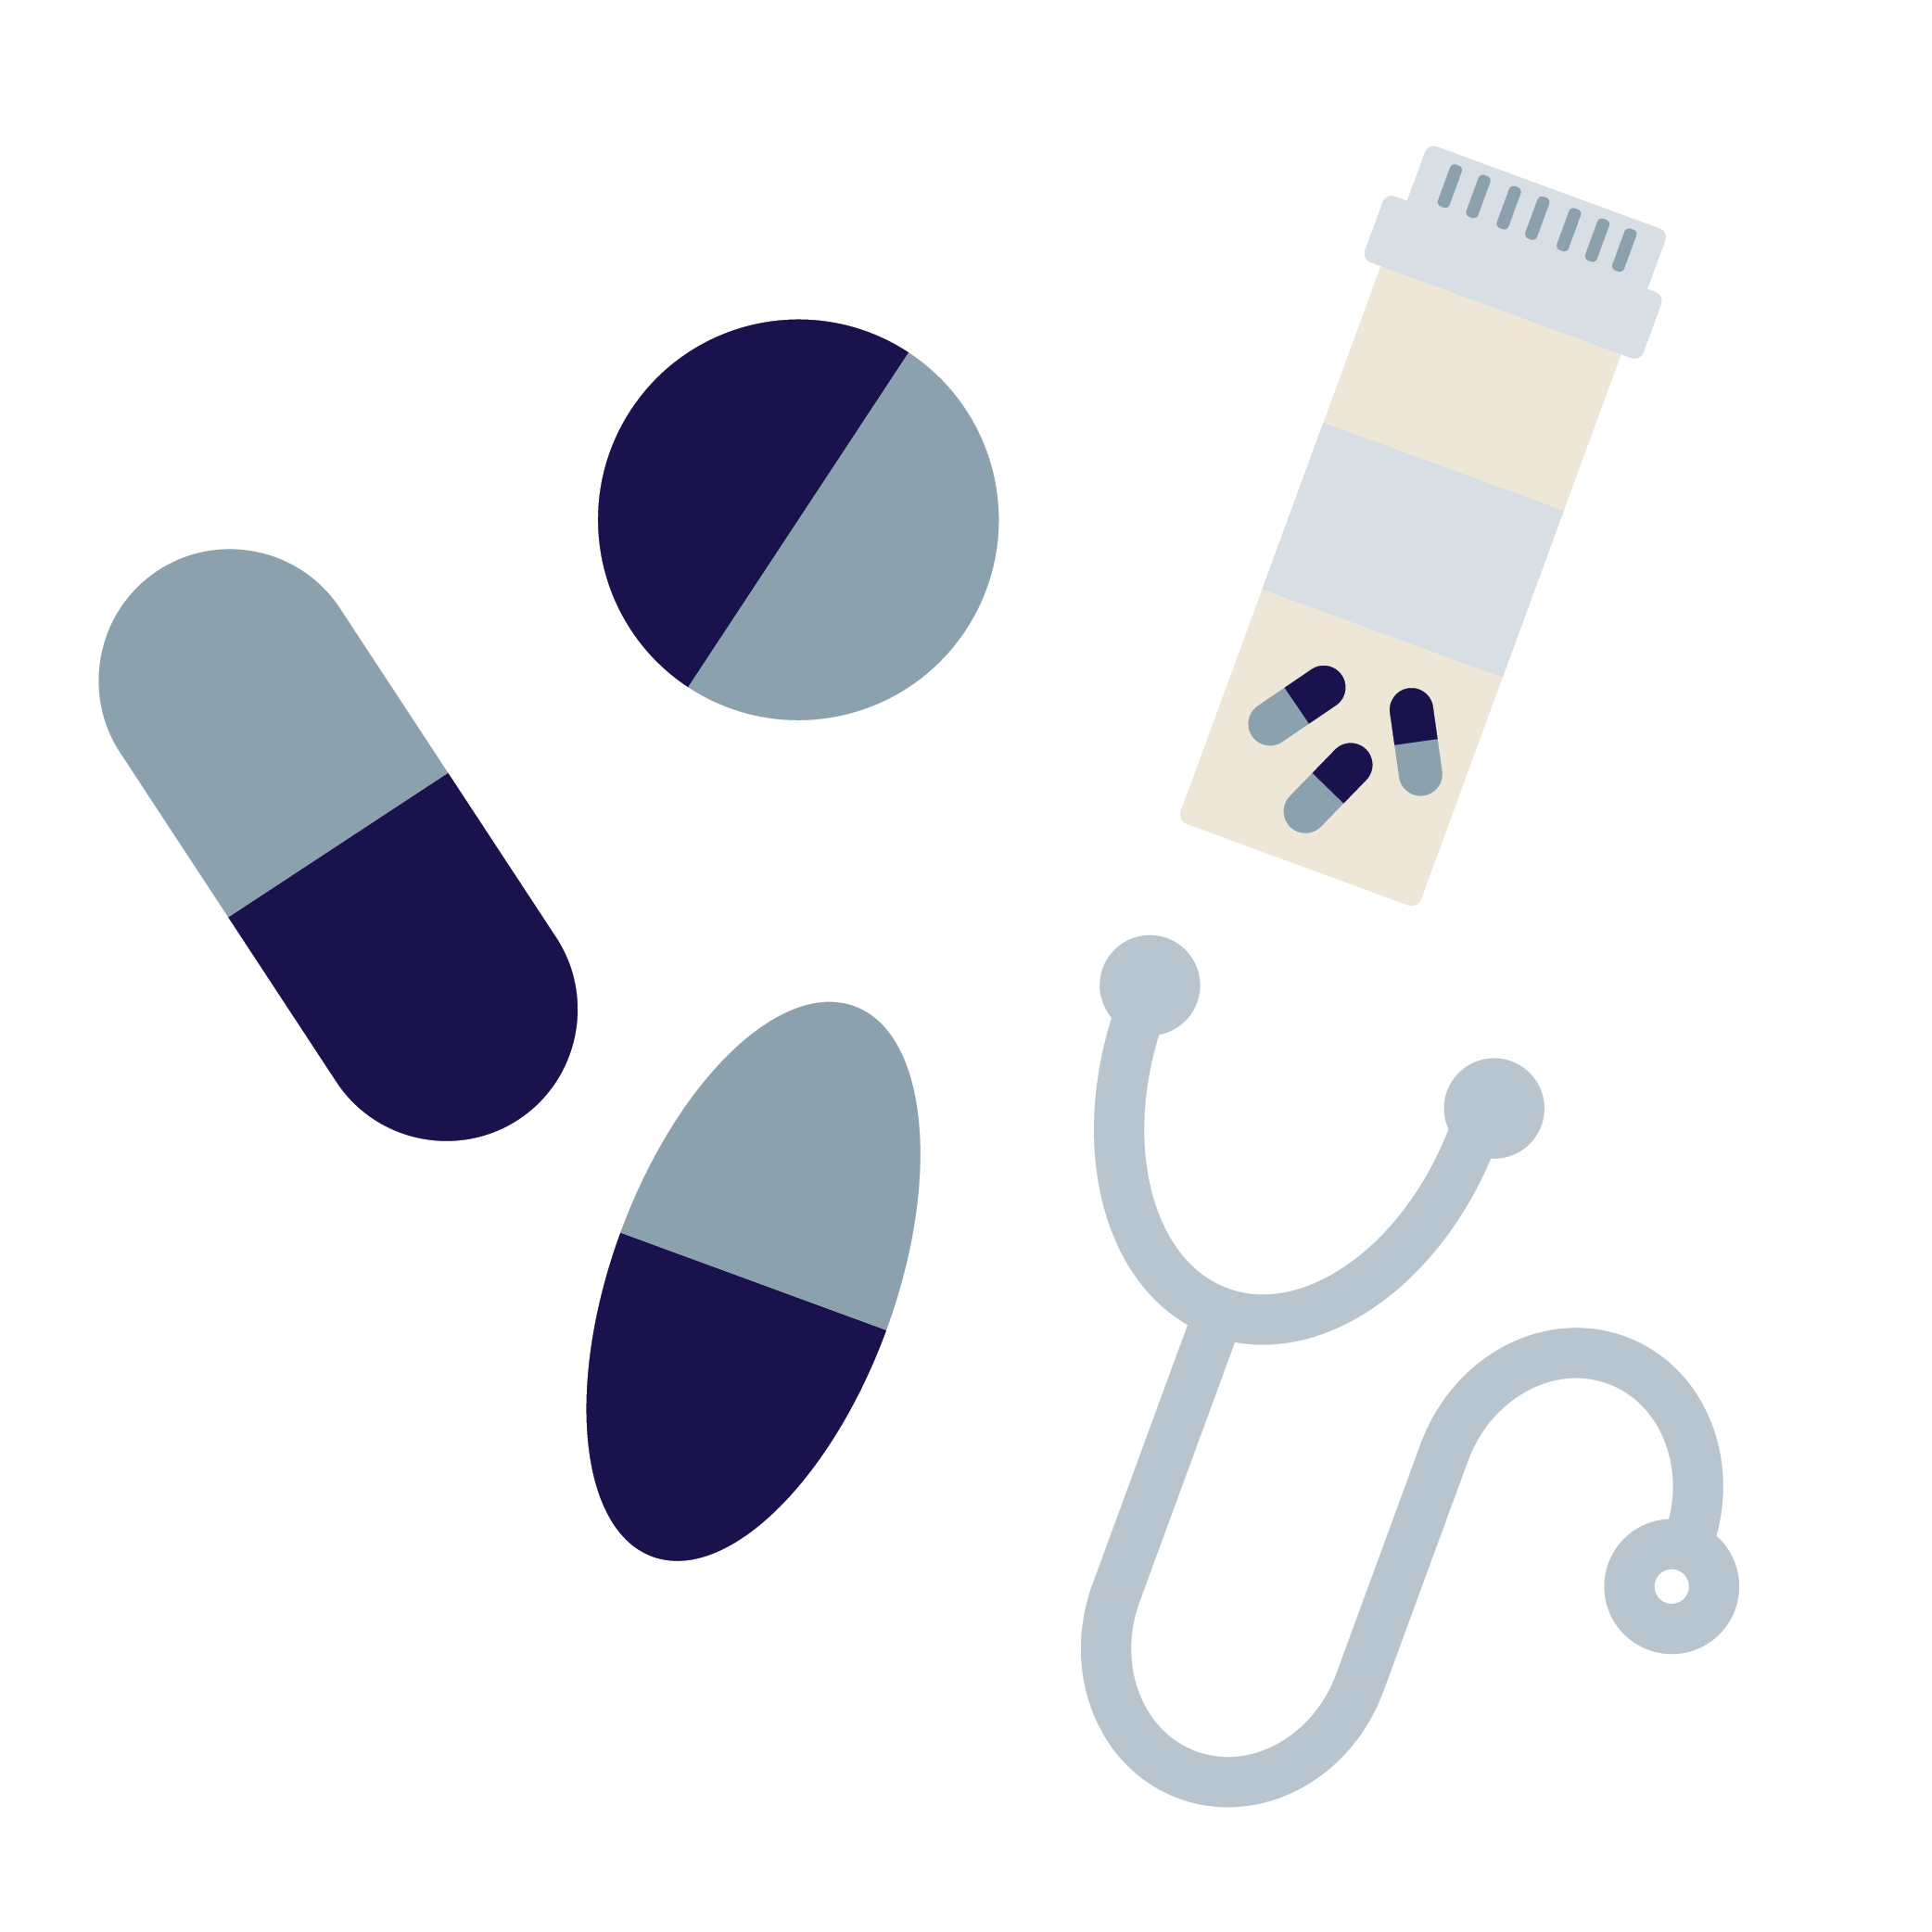 Treatments illustration image